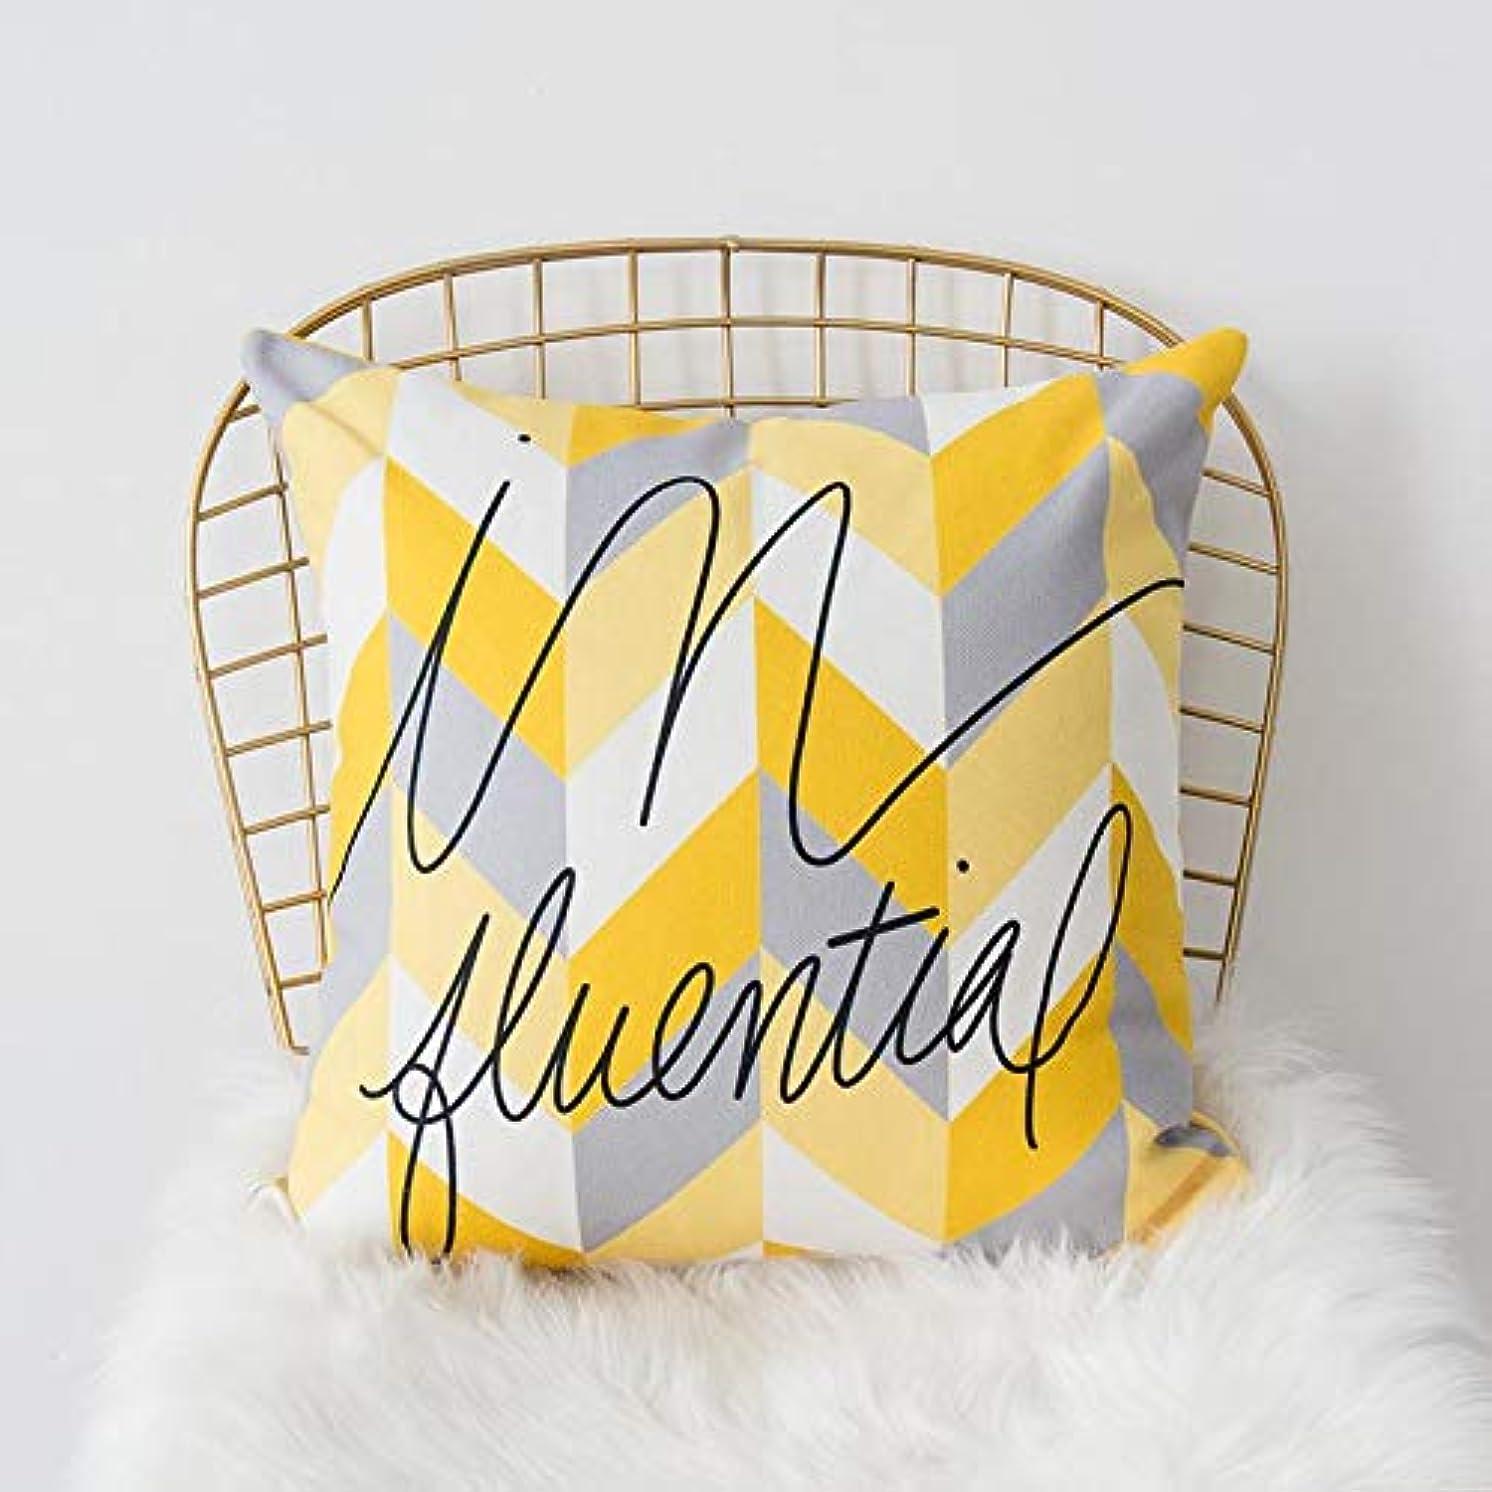 強制侵略差し迫ったSMART 黄色グレー枕北欧スタイル黄色ヘラジカ幾何枕リビングルームのインテリアソファクッション Cojines 装飾良質 クッション 椅子